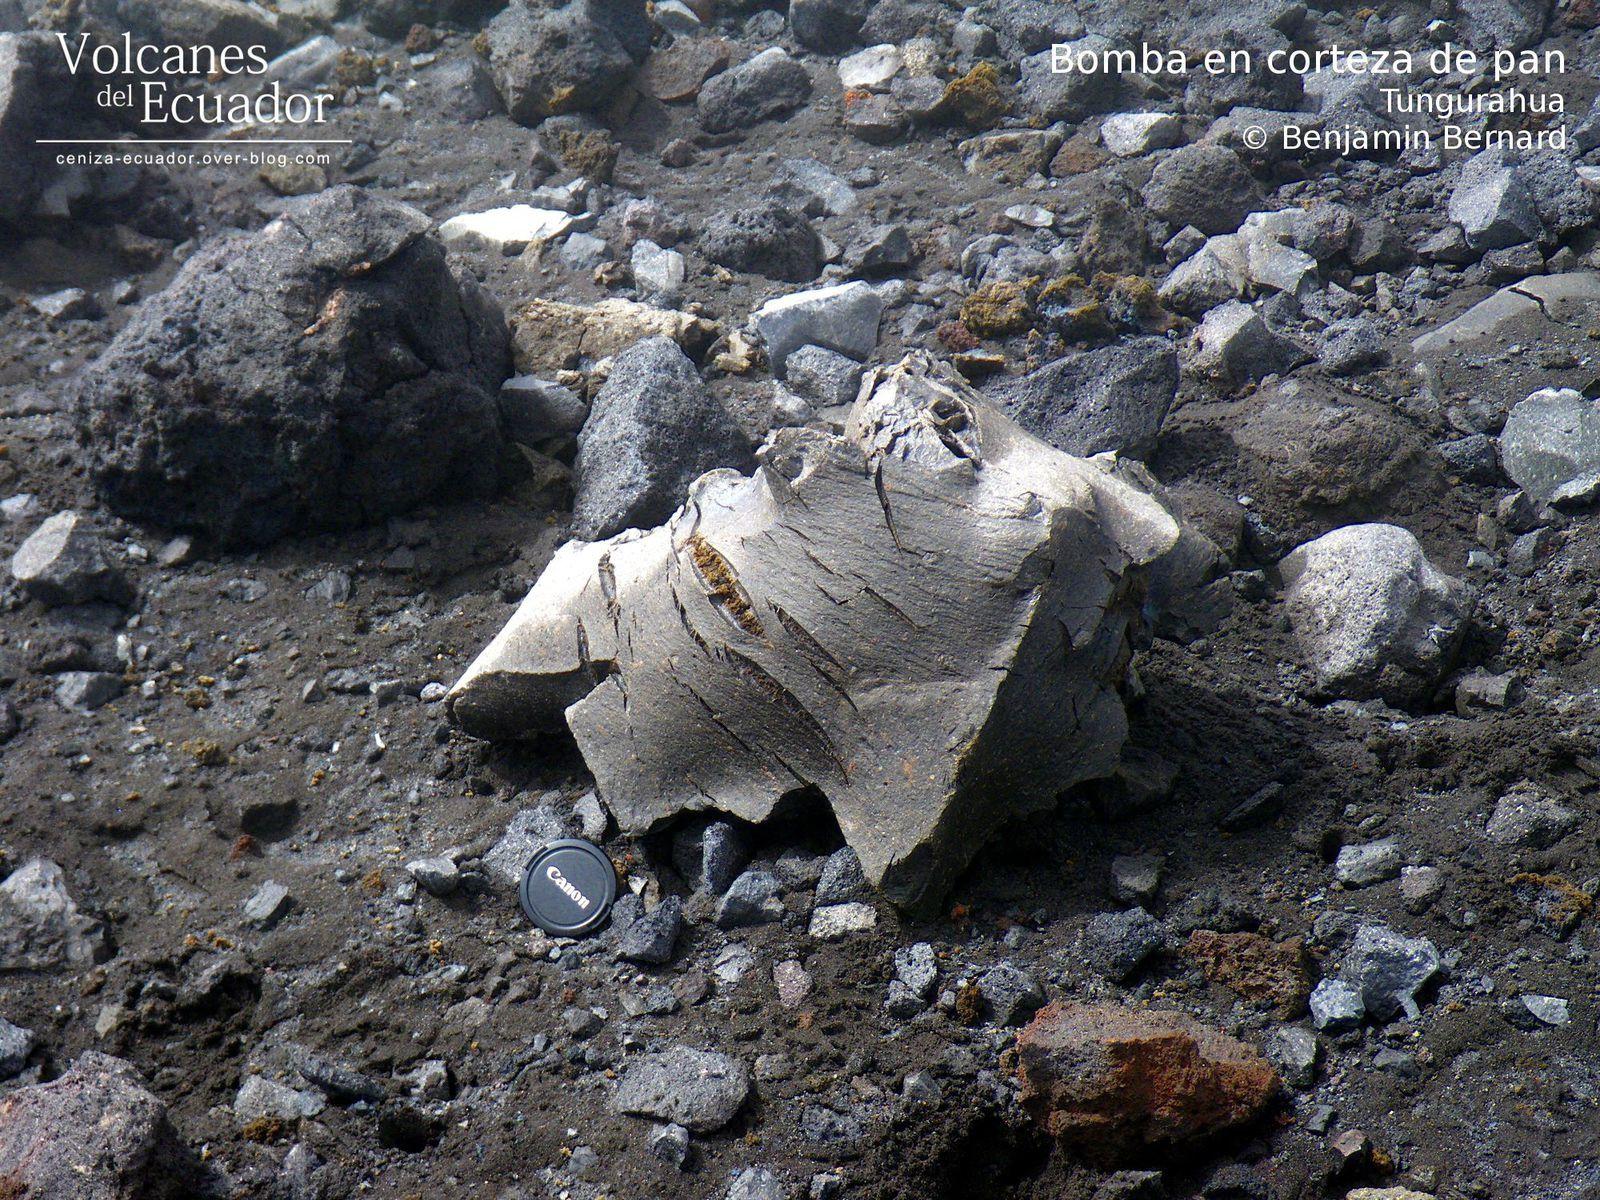 Tungurahua - bombe en croûte de pain - photo Benjamin Bernard / Volcanes del Ecuador